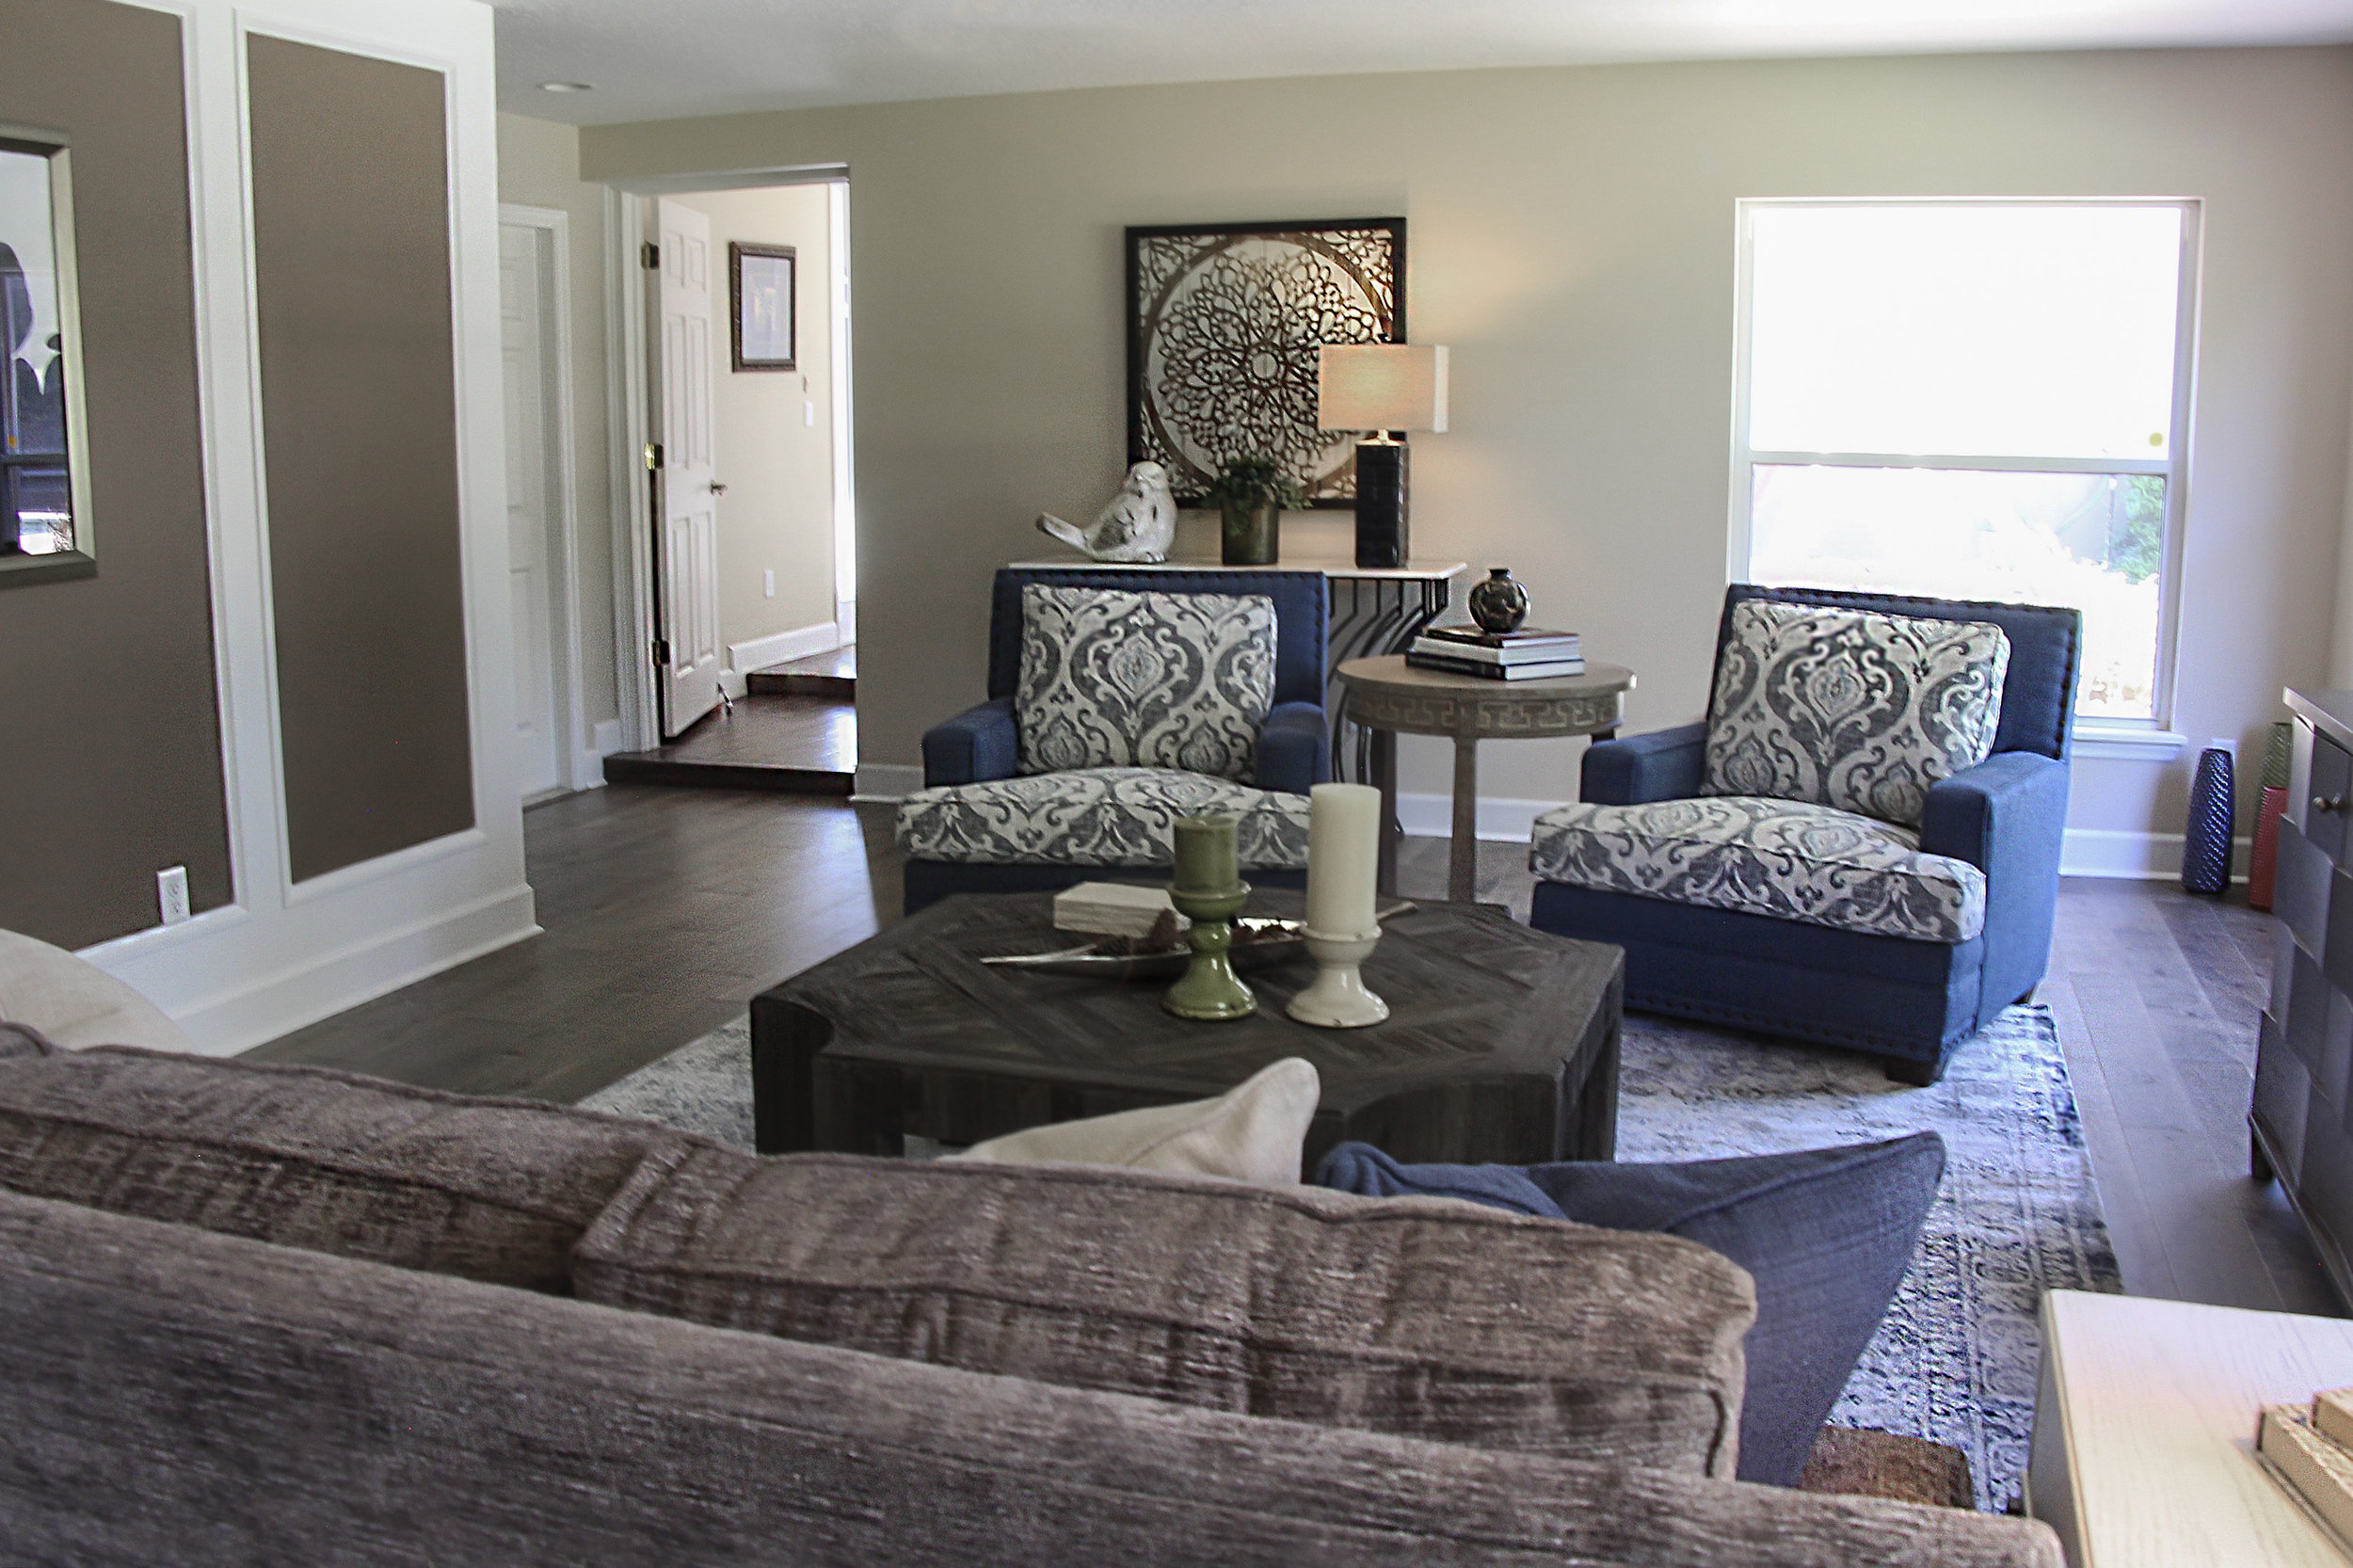 Room Facing Chairs.jpg